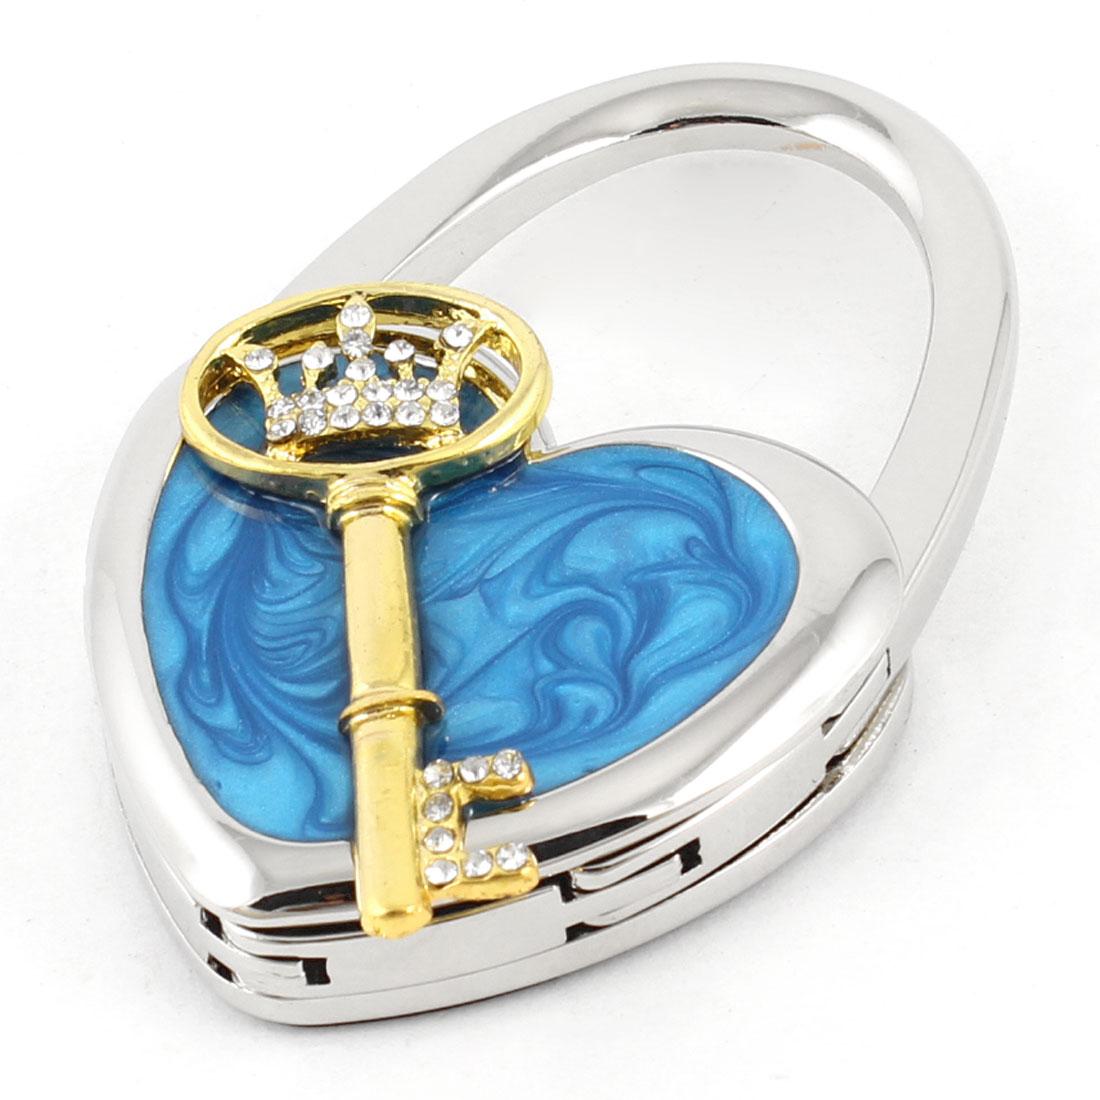 Rhinestone Key Heart Shape Handbag Foldup Table Hook Hanger Blue Silver Tone